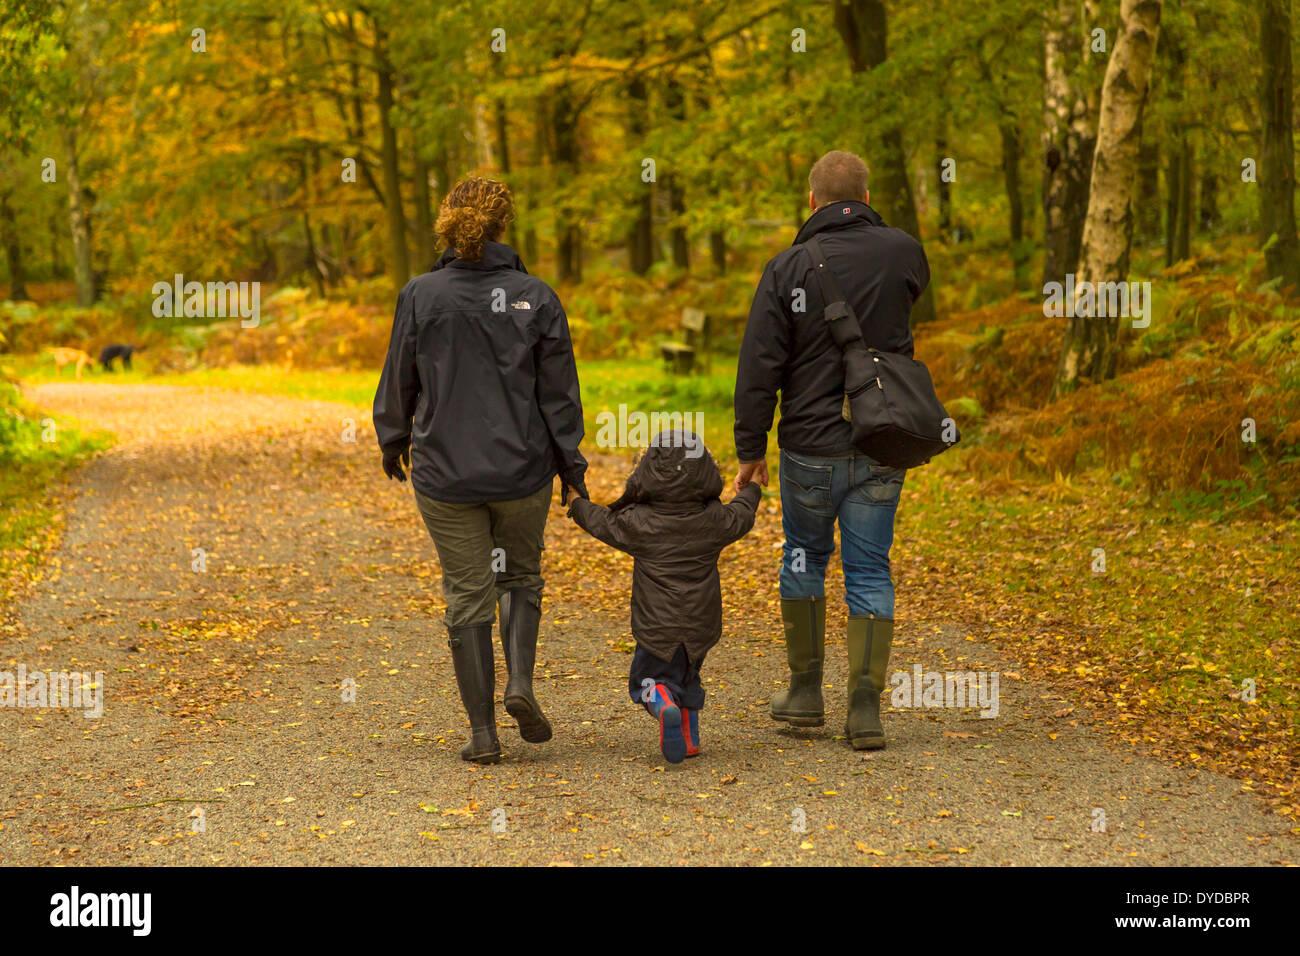 Un giovane passeggiate attraverso boschi tenendo i suoi genitori le mani. Immagini Stock